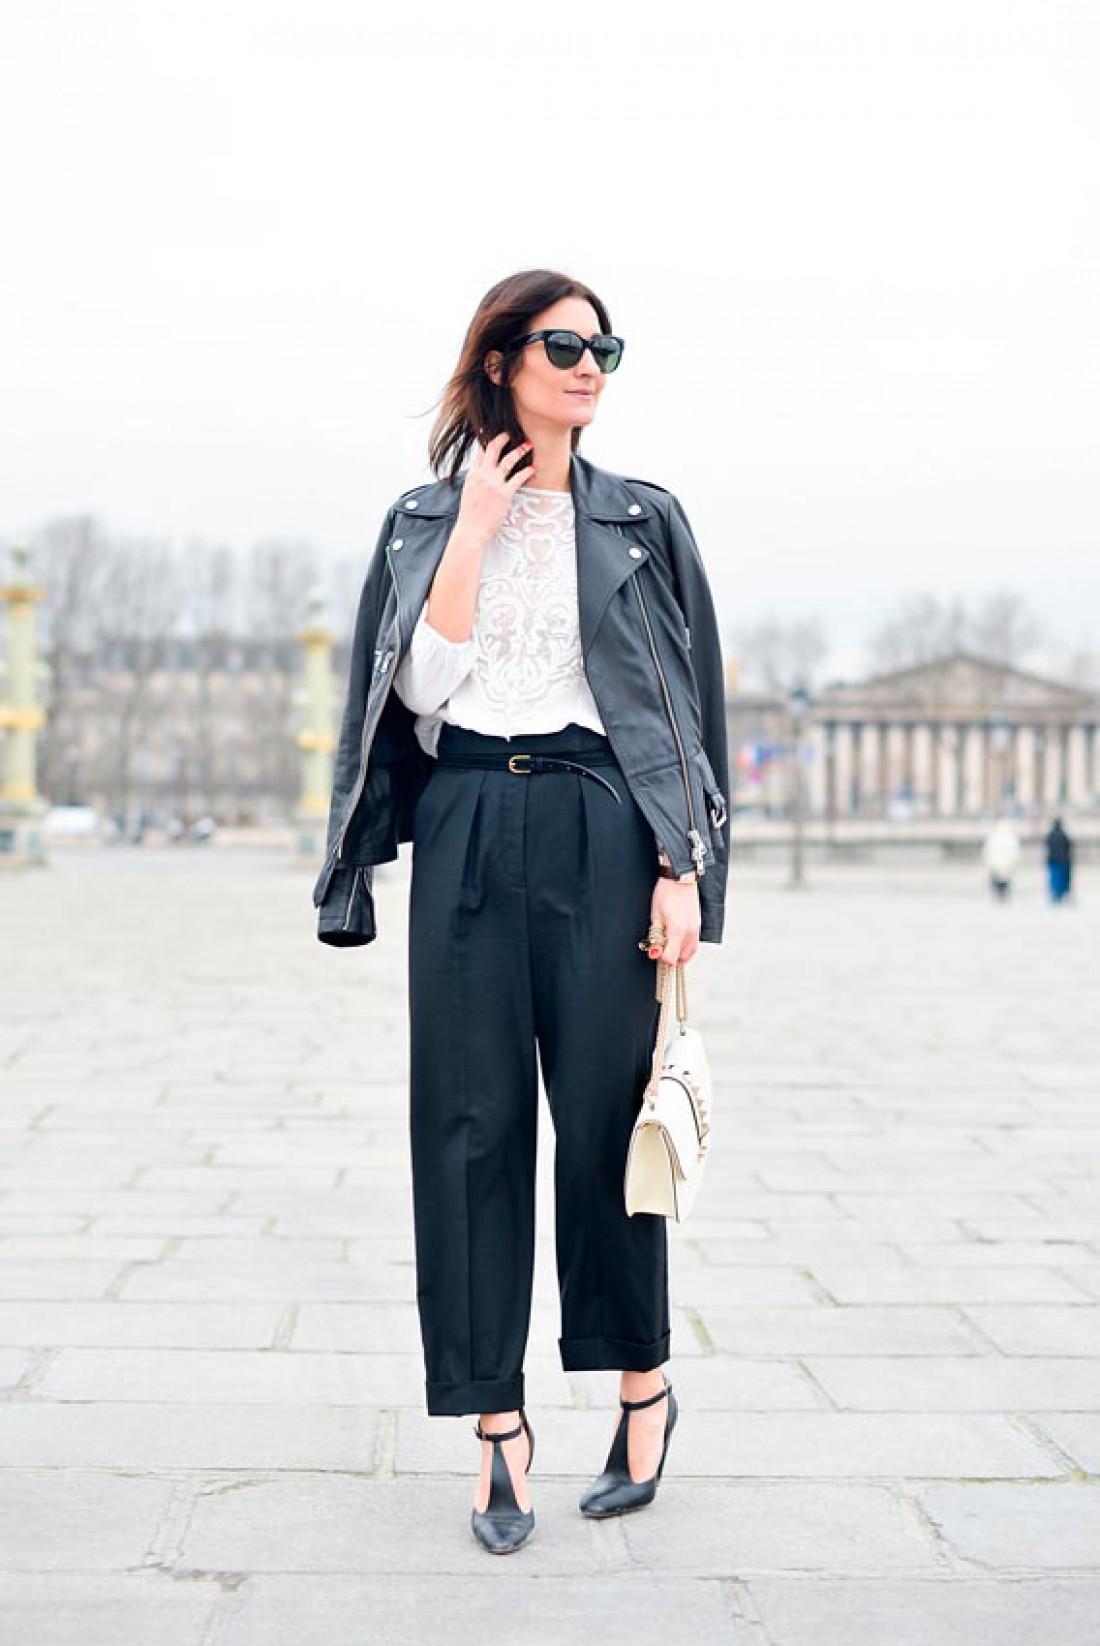 Выбери брюки, которые подчеркнут достоинства твоей фигуры